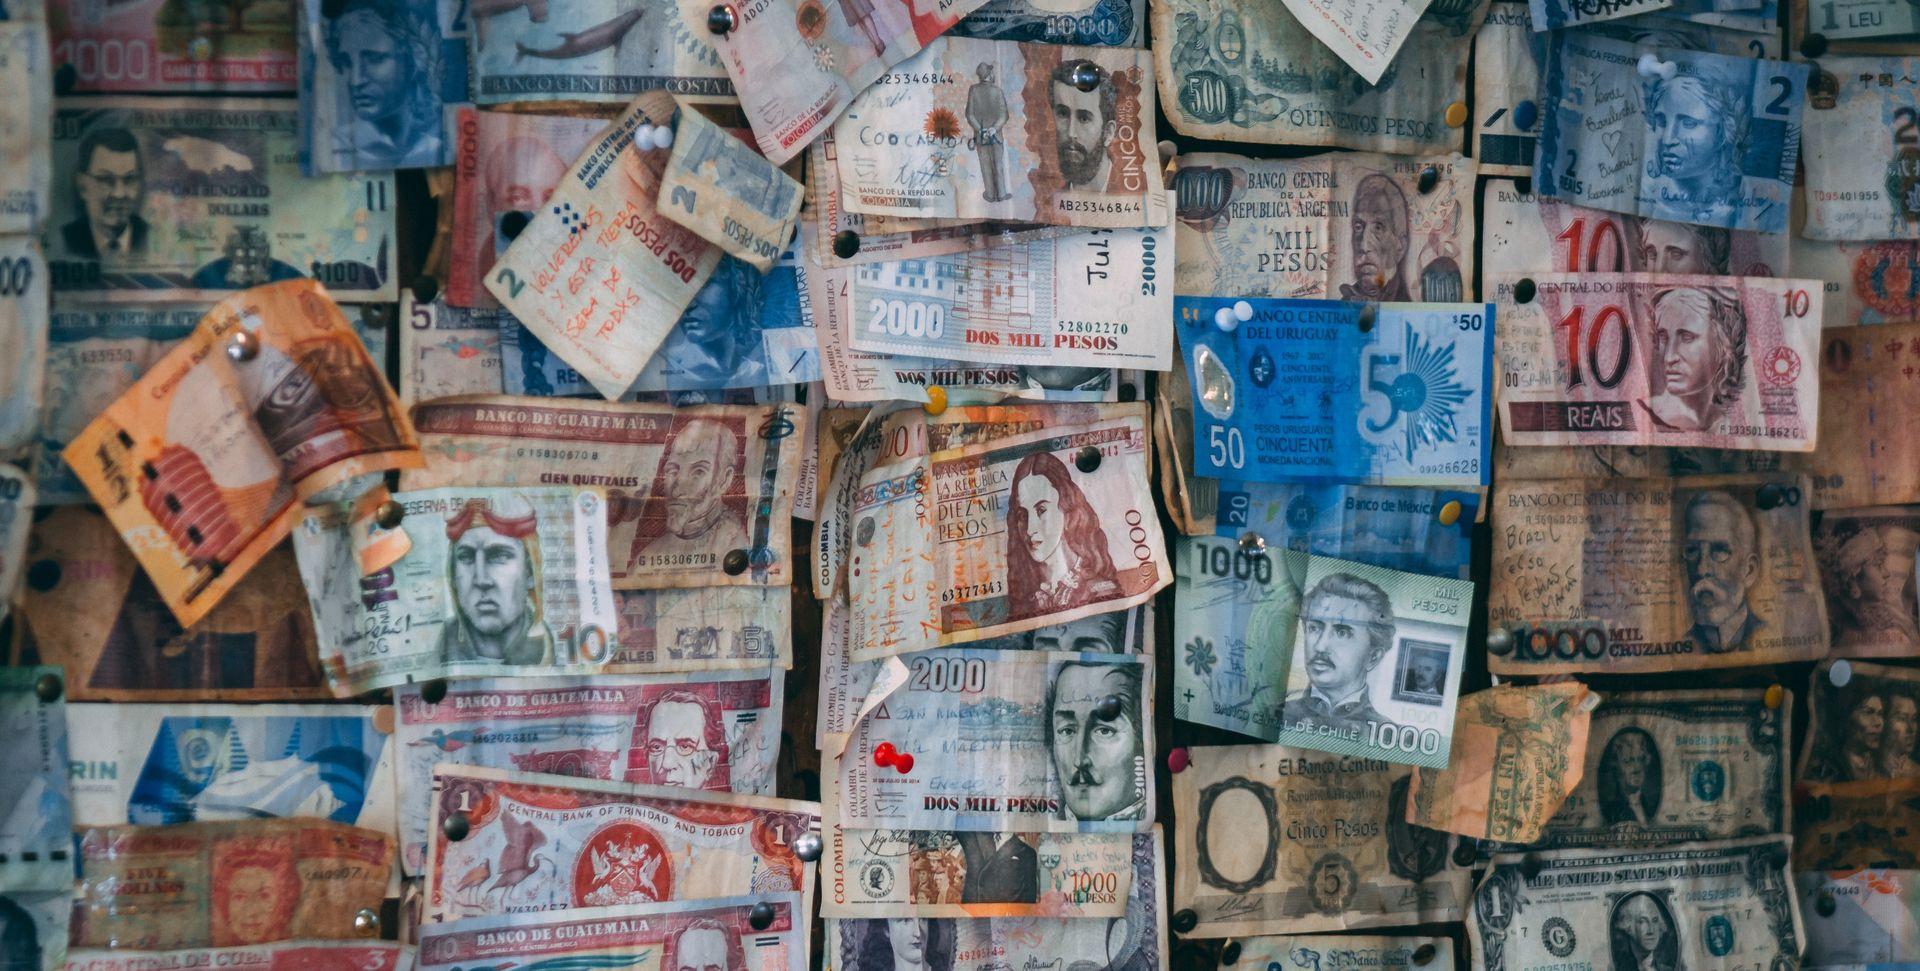 TA Special: Money, money, money!